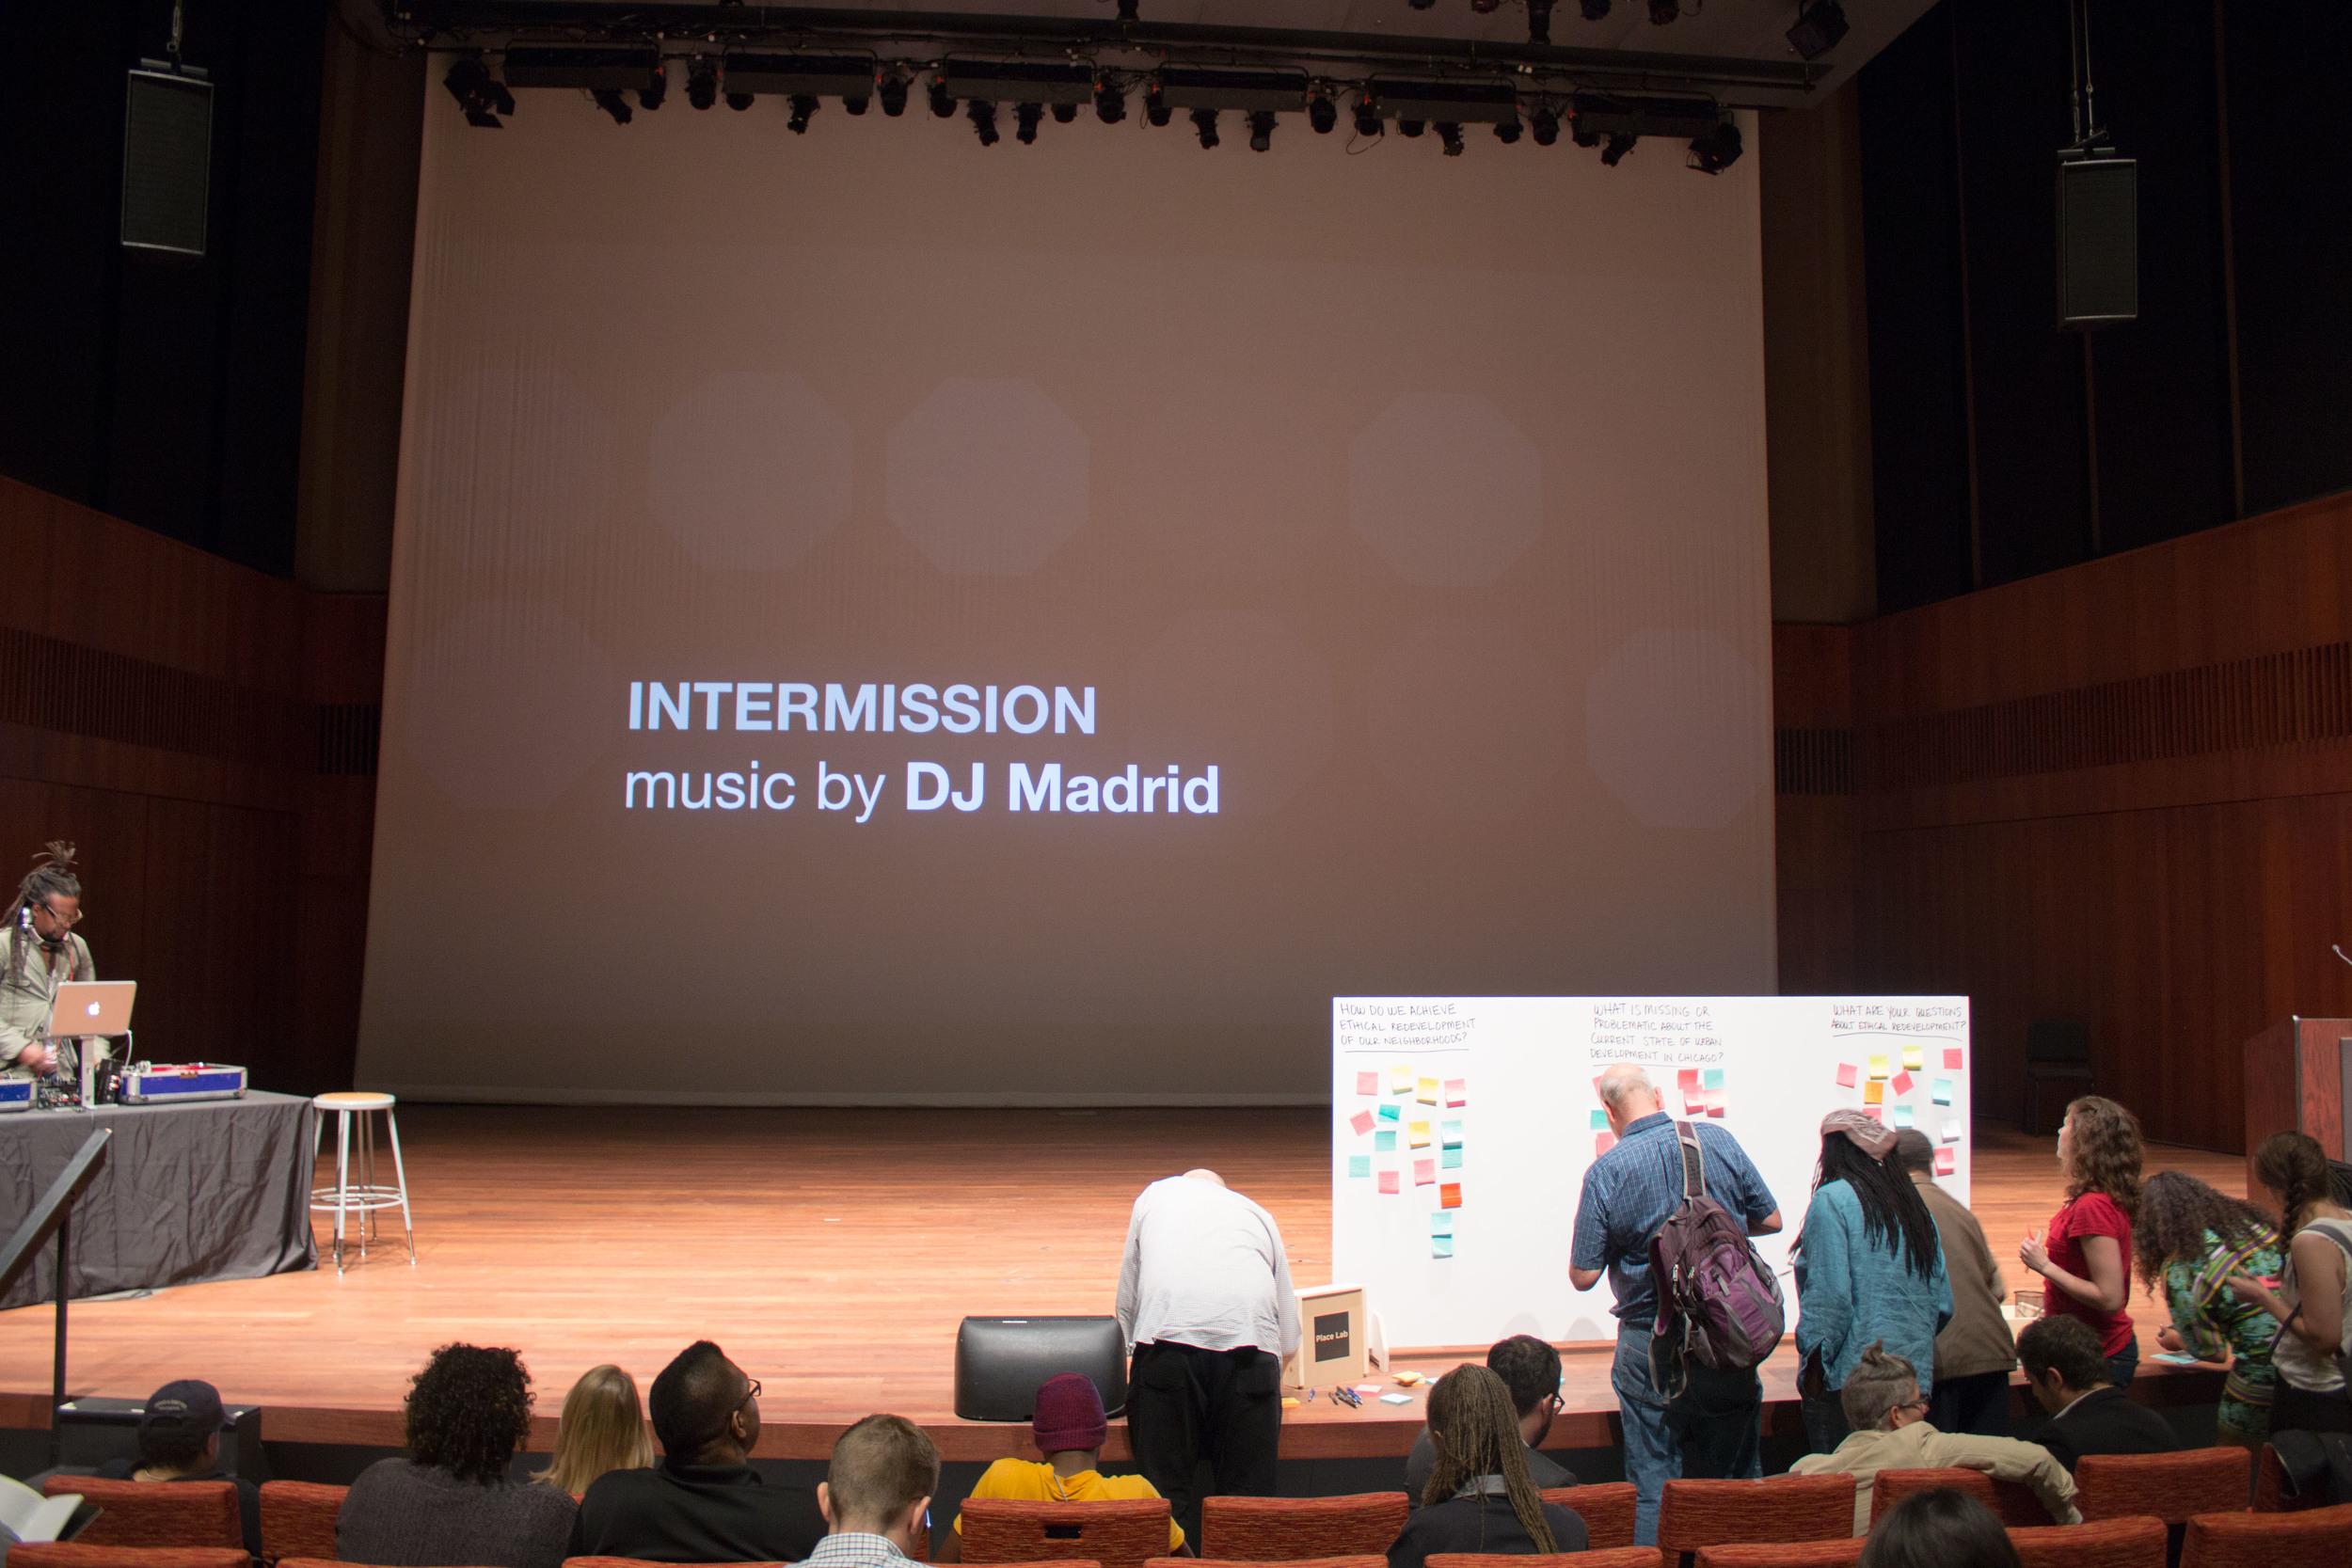 18_Intermission_DJMadrid2.jpg